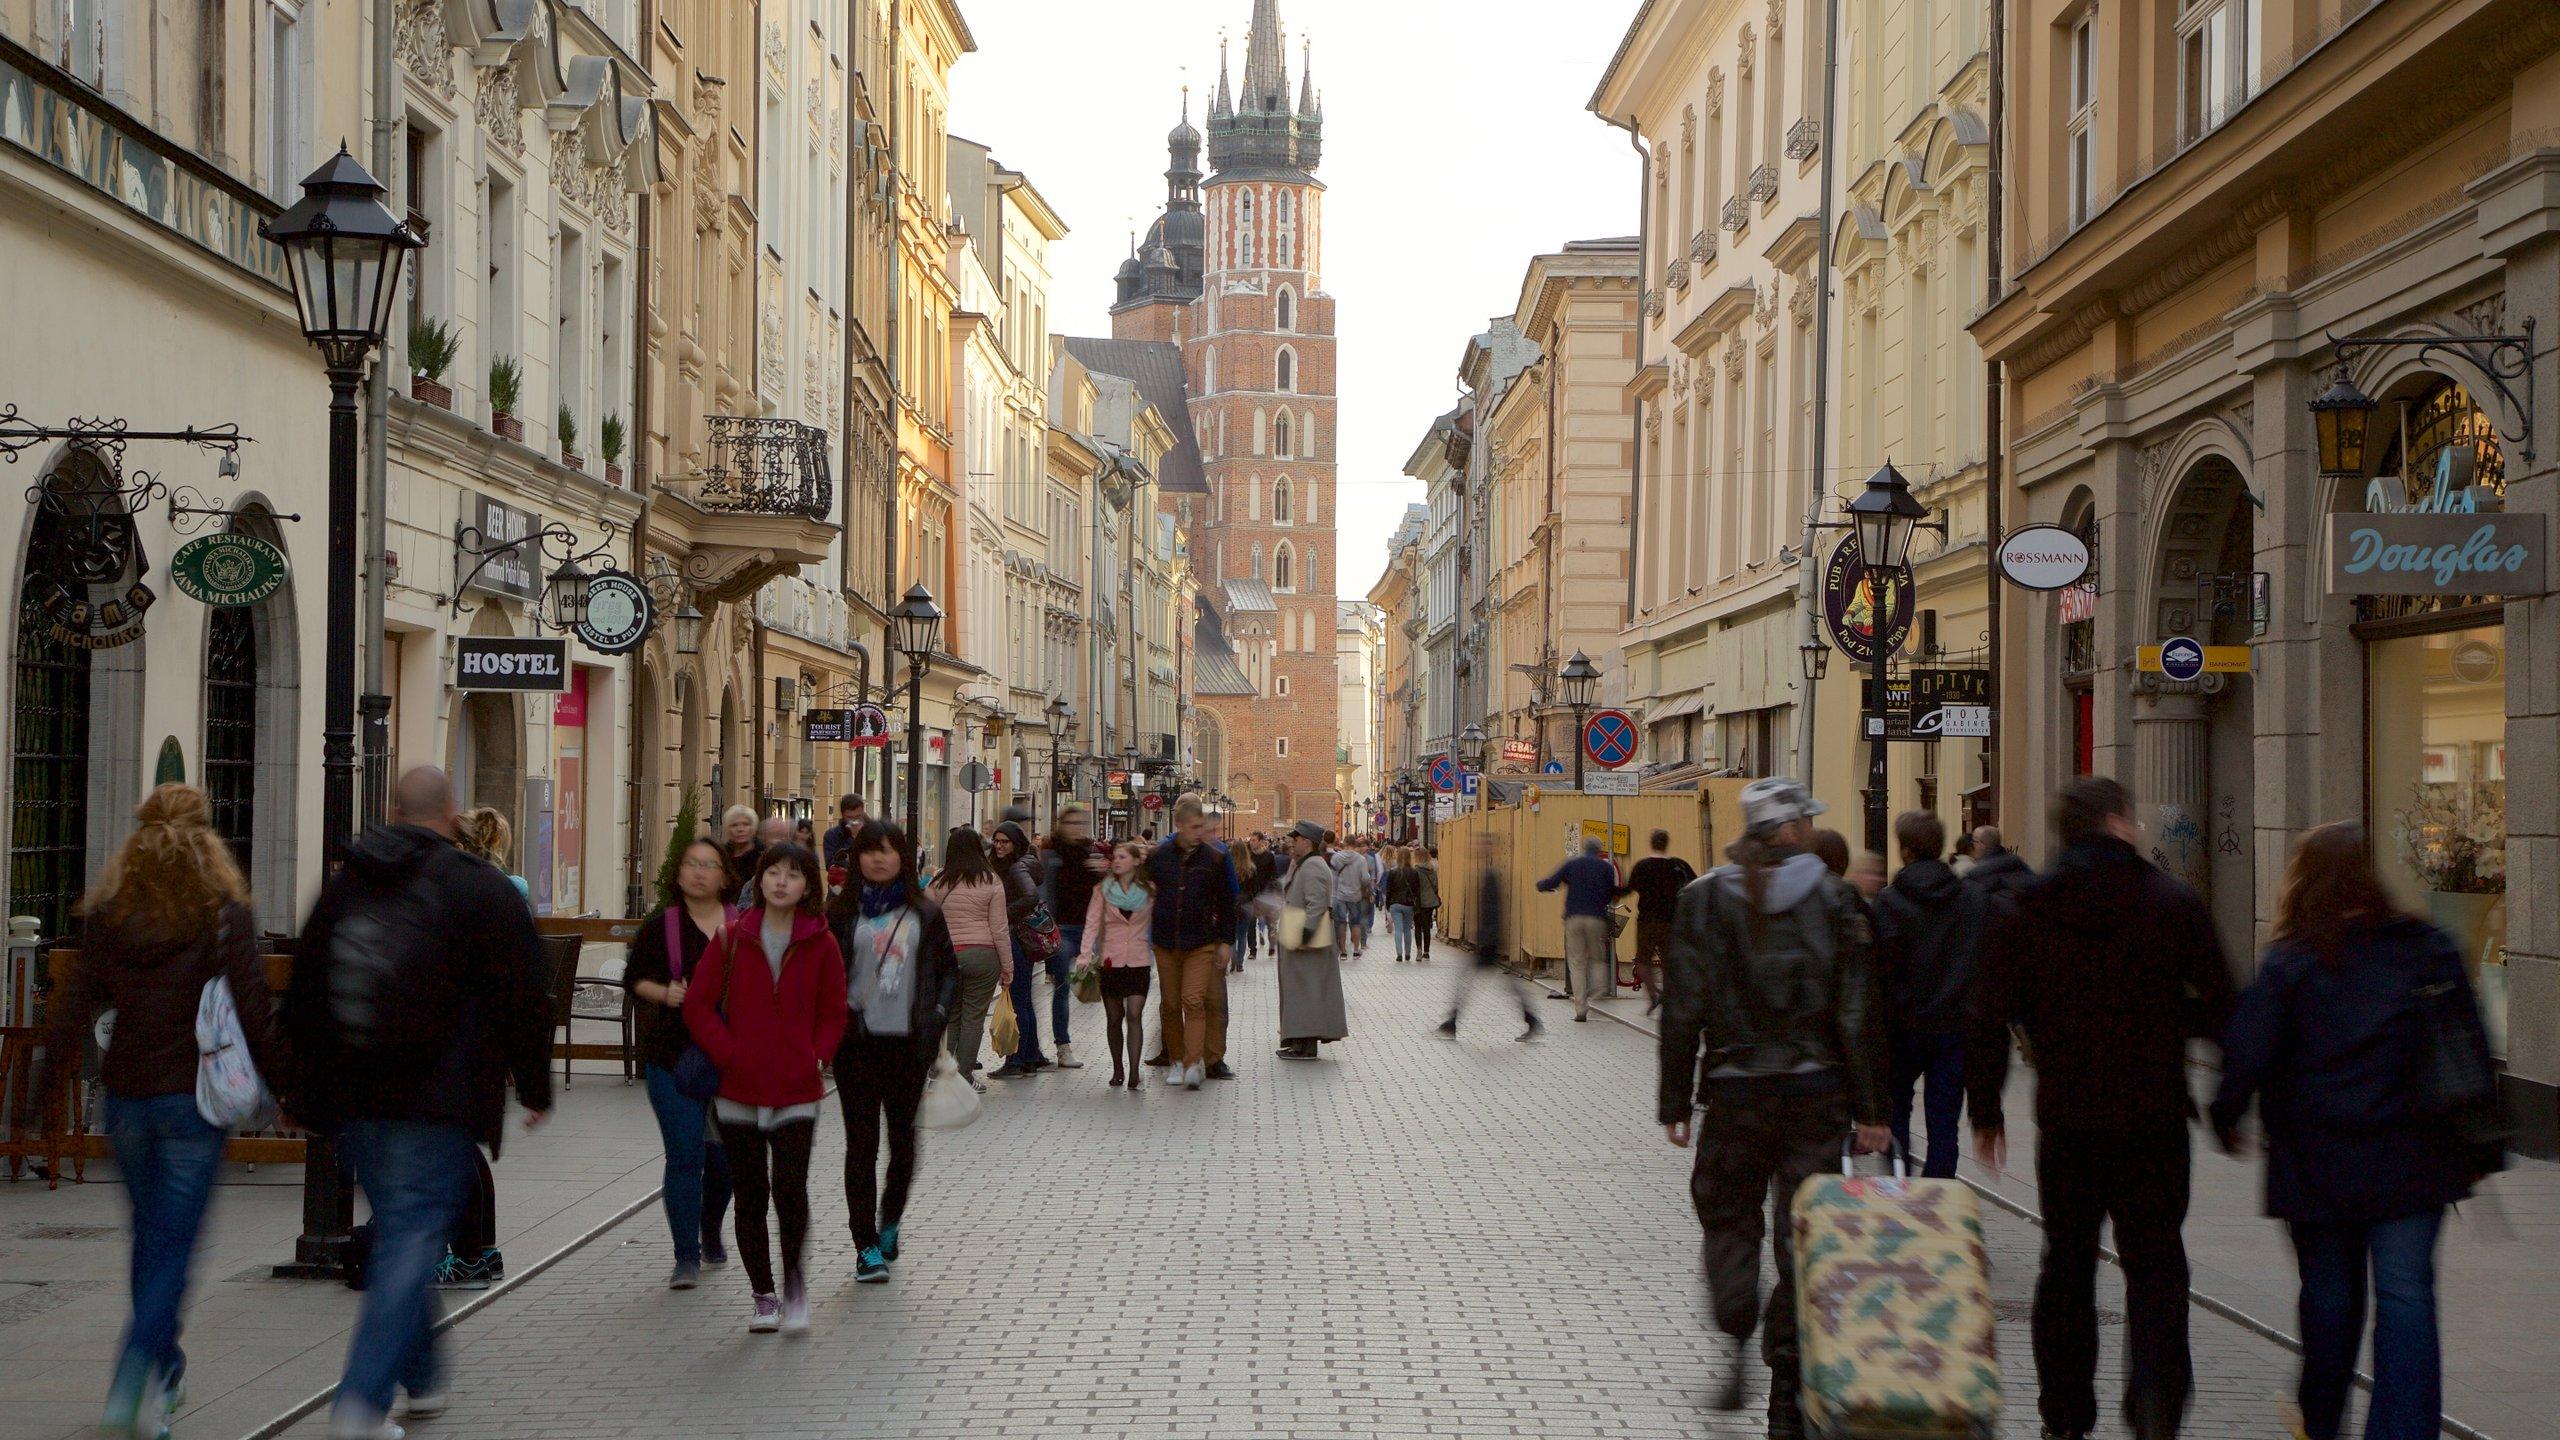 Krakow Old Town, Krakow, Lesser Poland Voivodeship, Poland